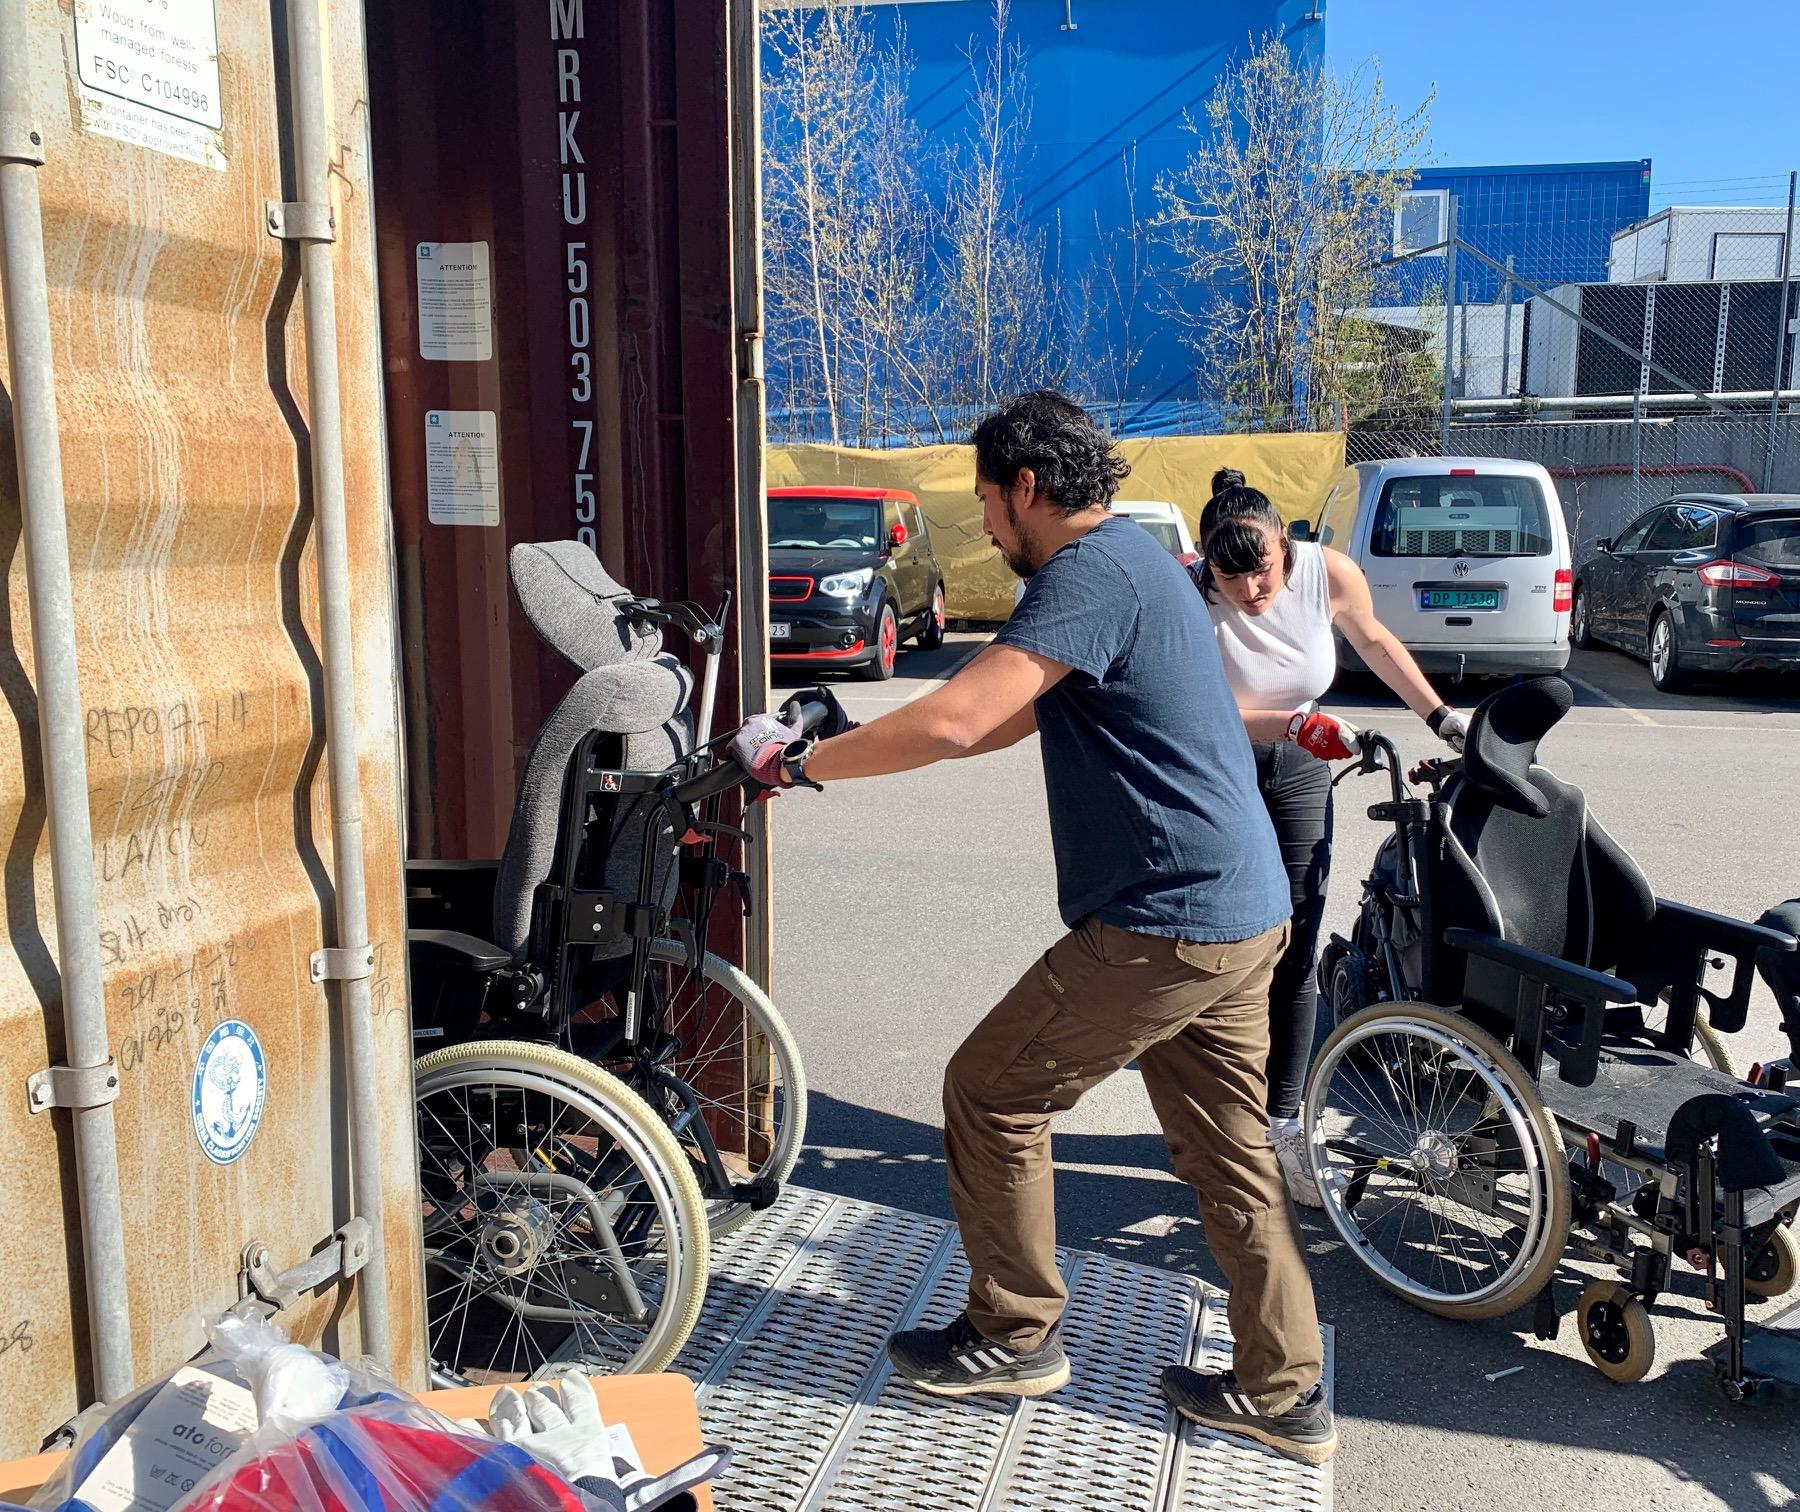 David og Kjerstin triller rullestoler inn i containeren